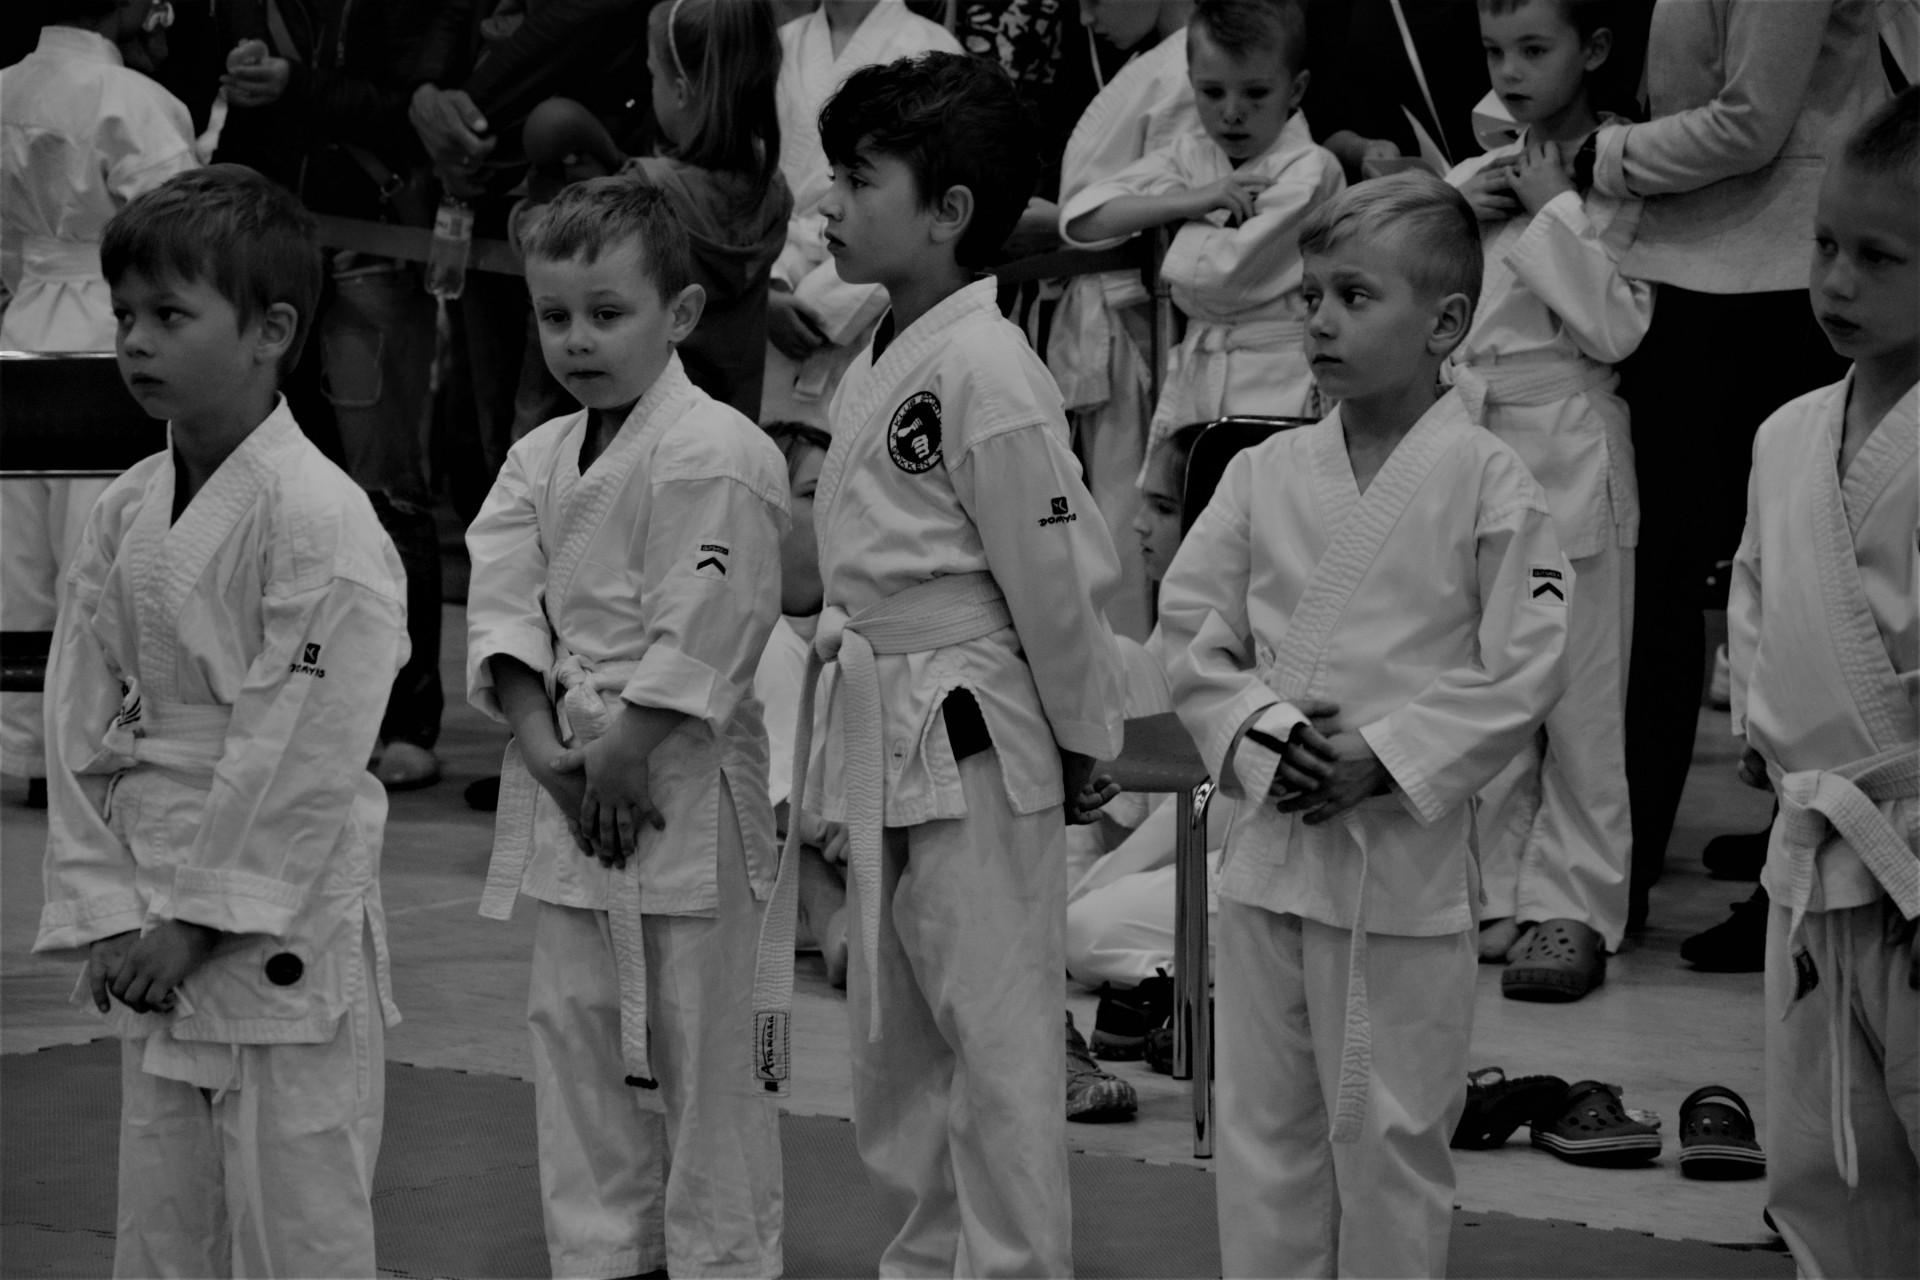 Karate - fotoreportaż. Żukowo, niedzielne przedpołudnie 1